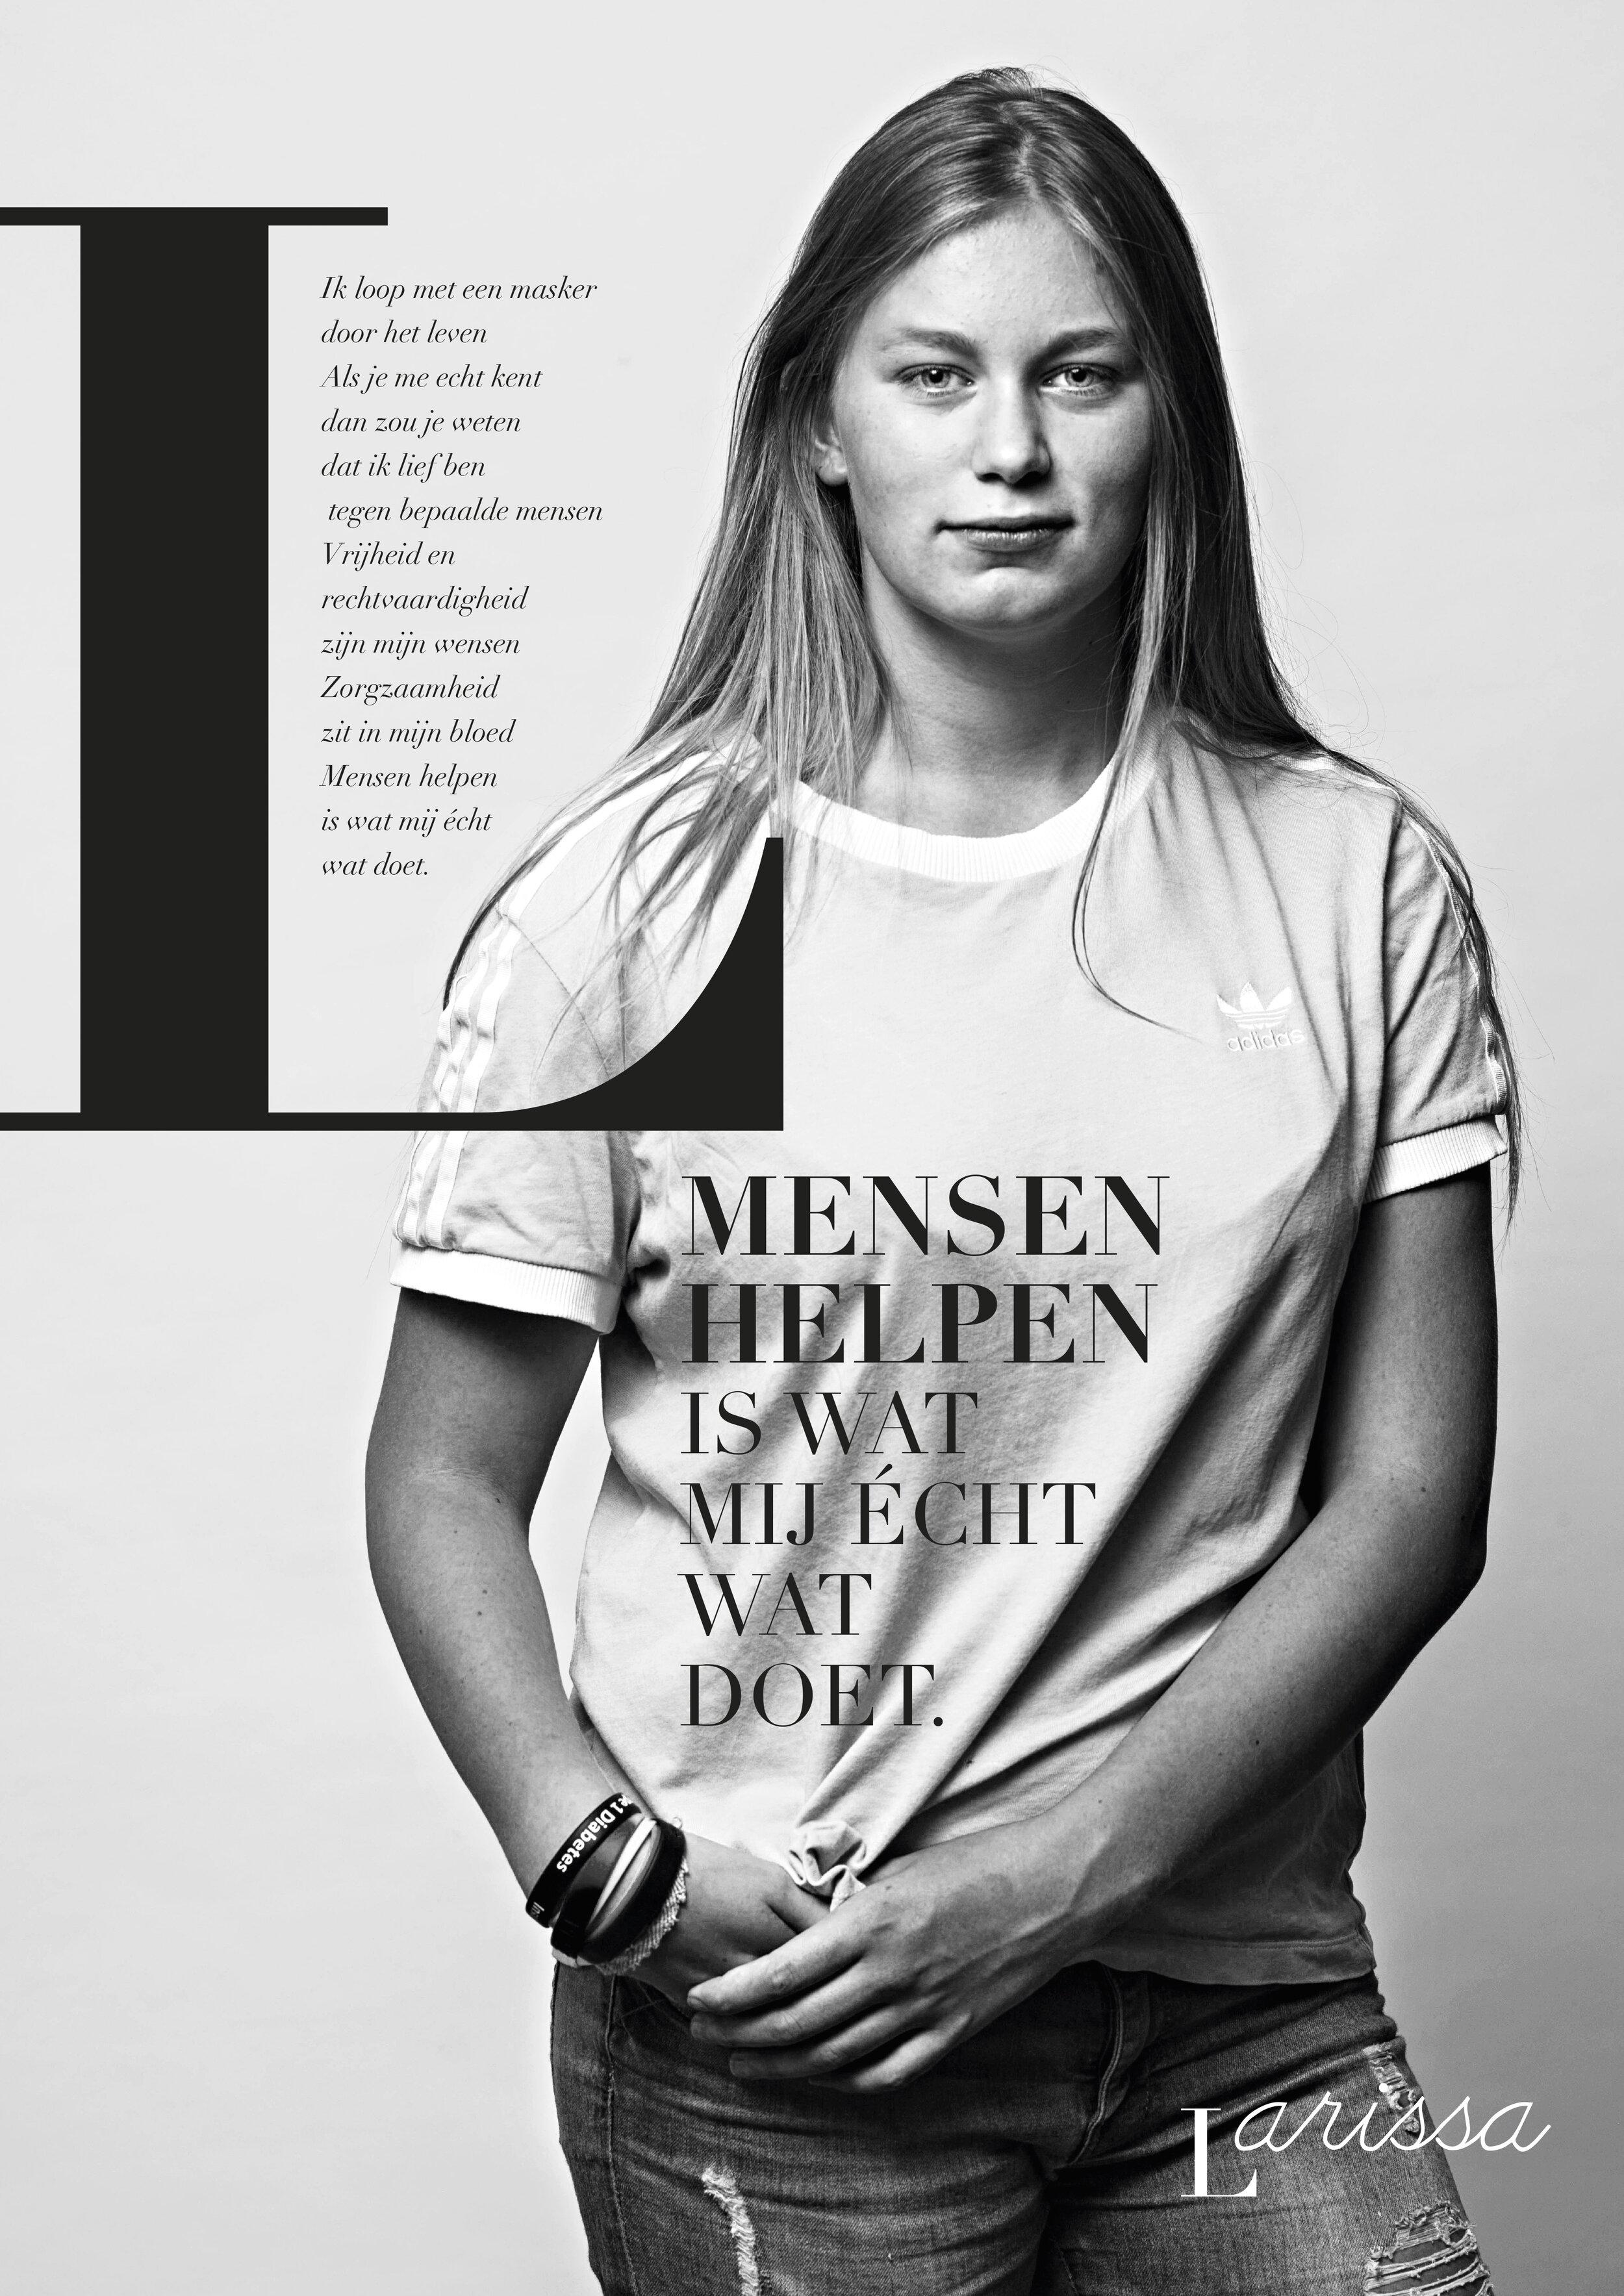 Elker-Groningen-posters-A3-stnd_HR-Oscar-15.jpg